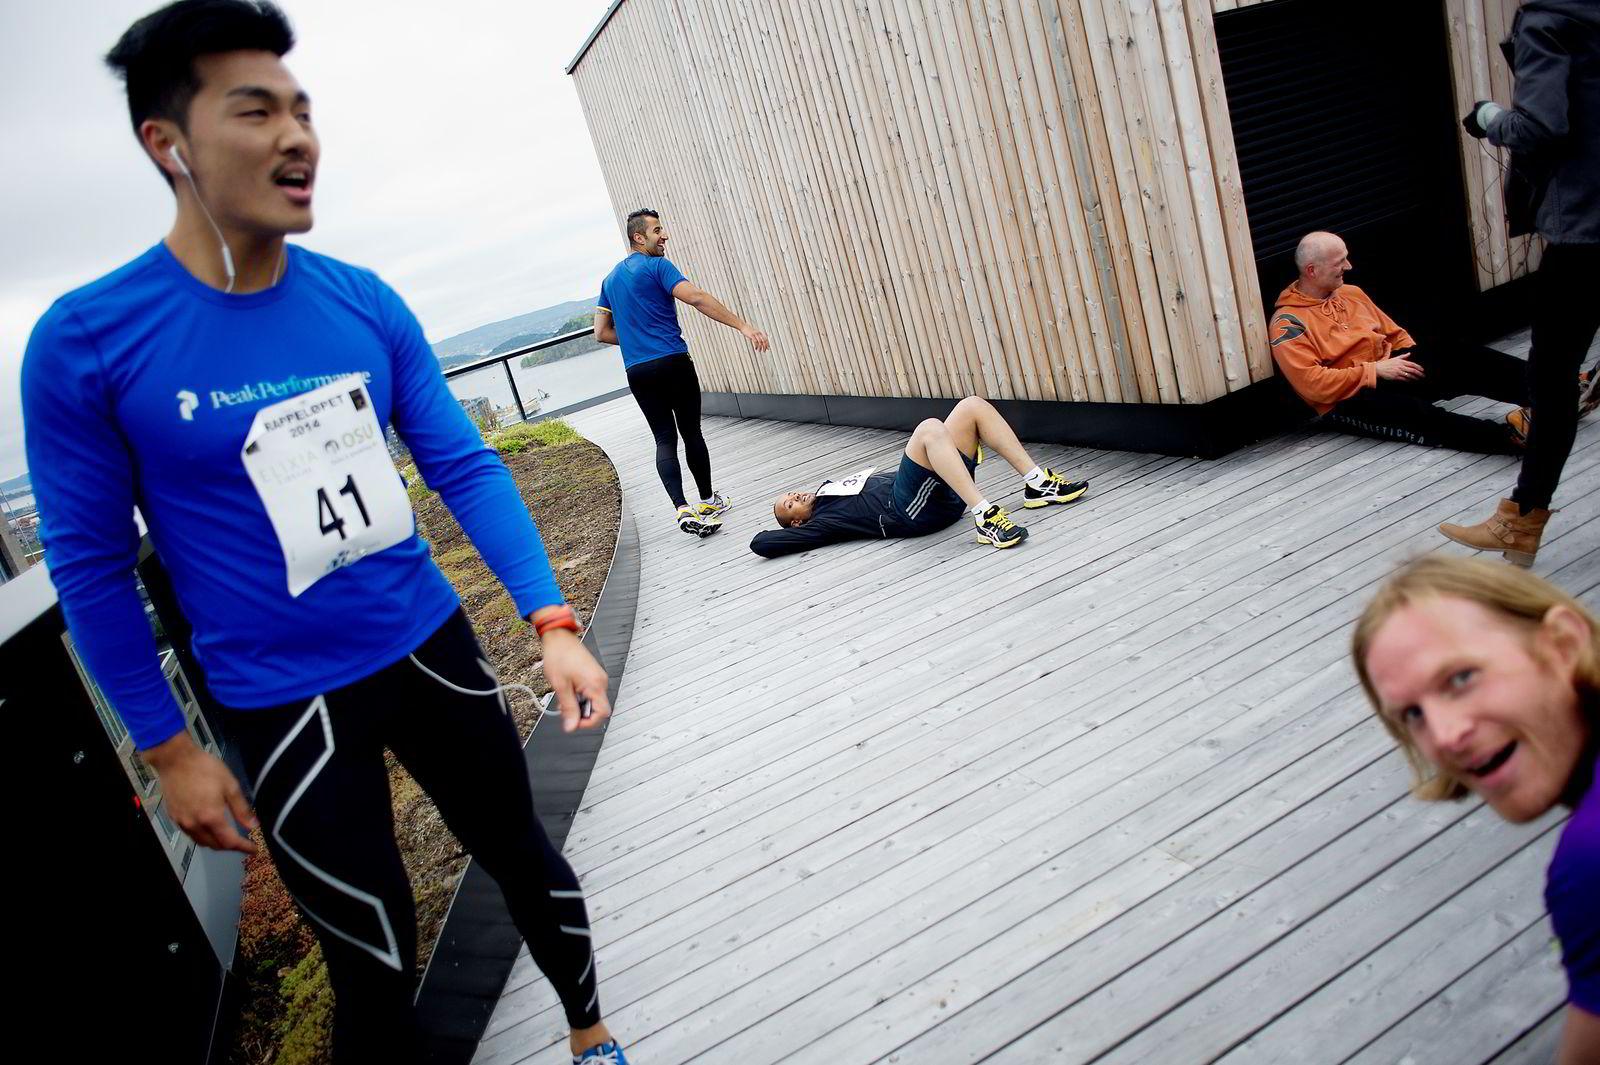 GOD TID: Morten Ahlbom ( i blått) kom inn på tiden 01:07 i Barcode Challenge. FOTO: Mikaela Berg